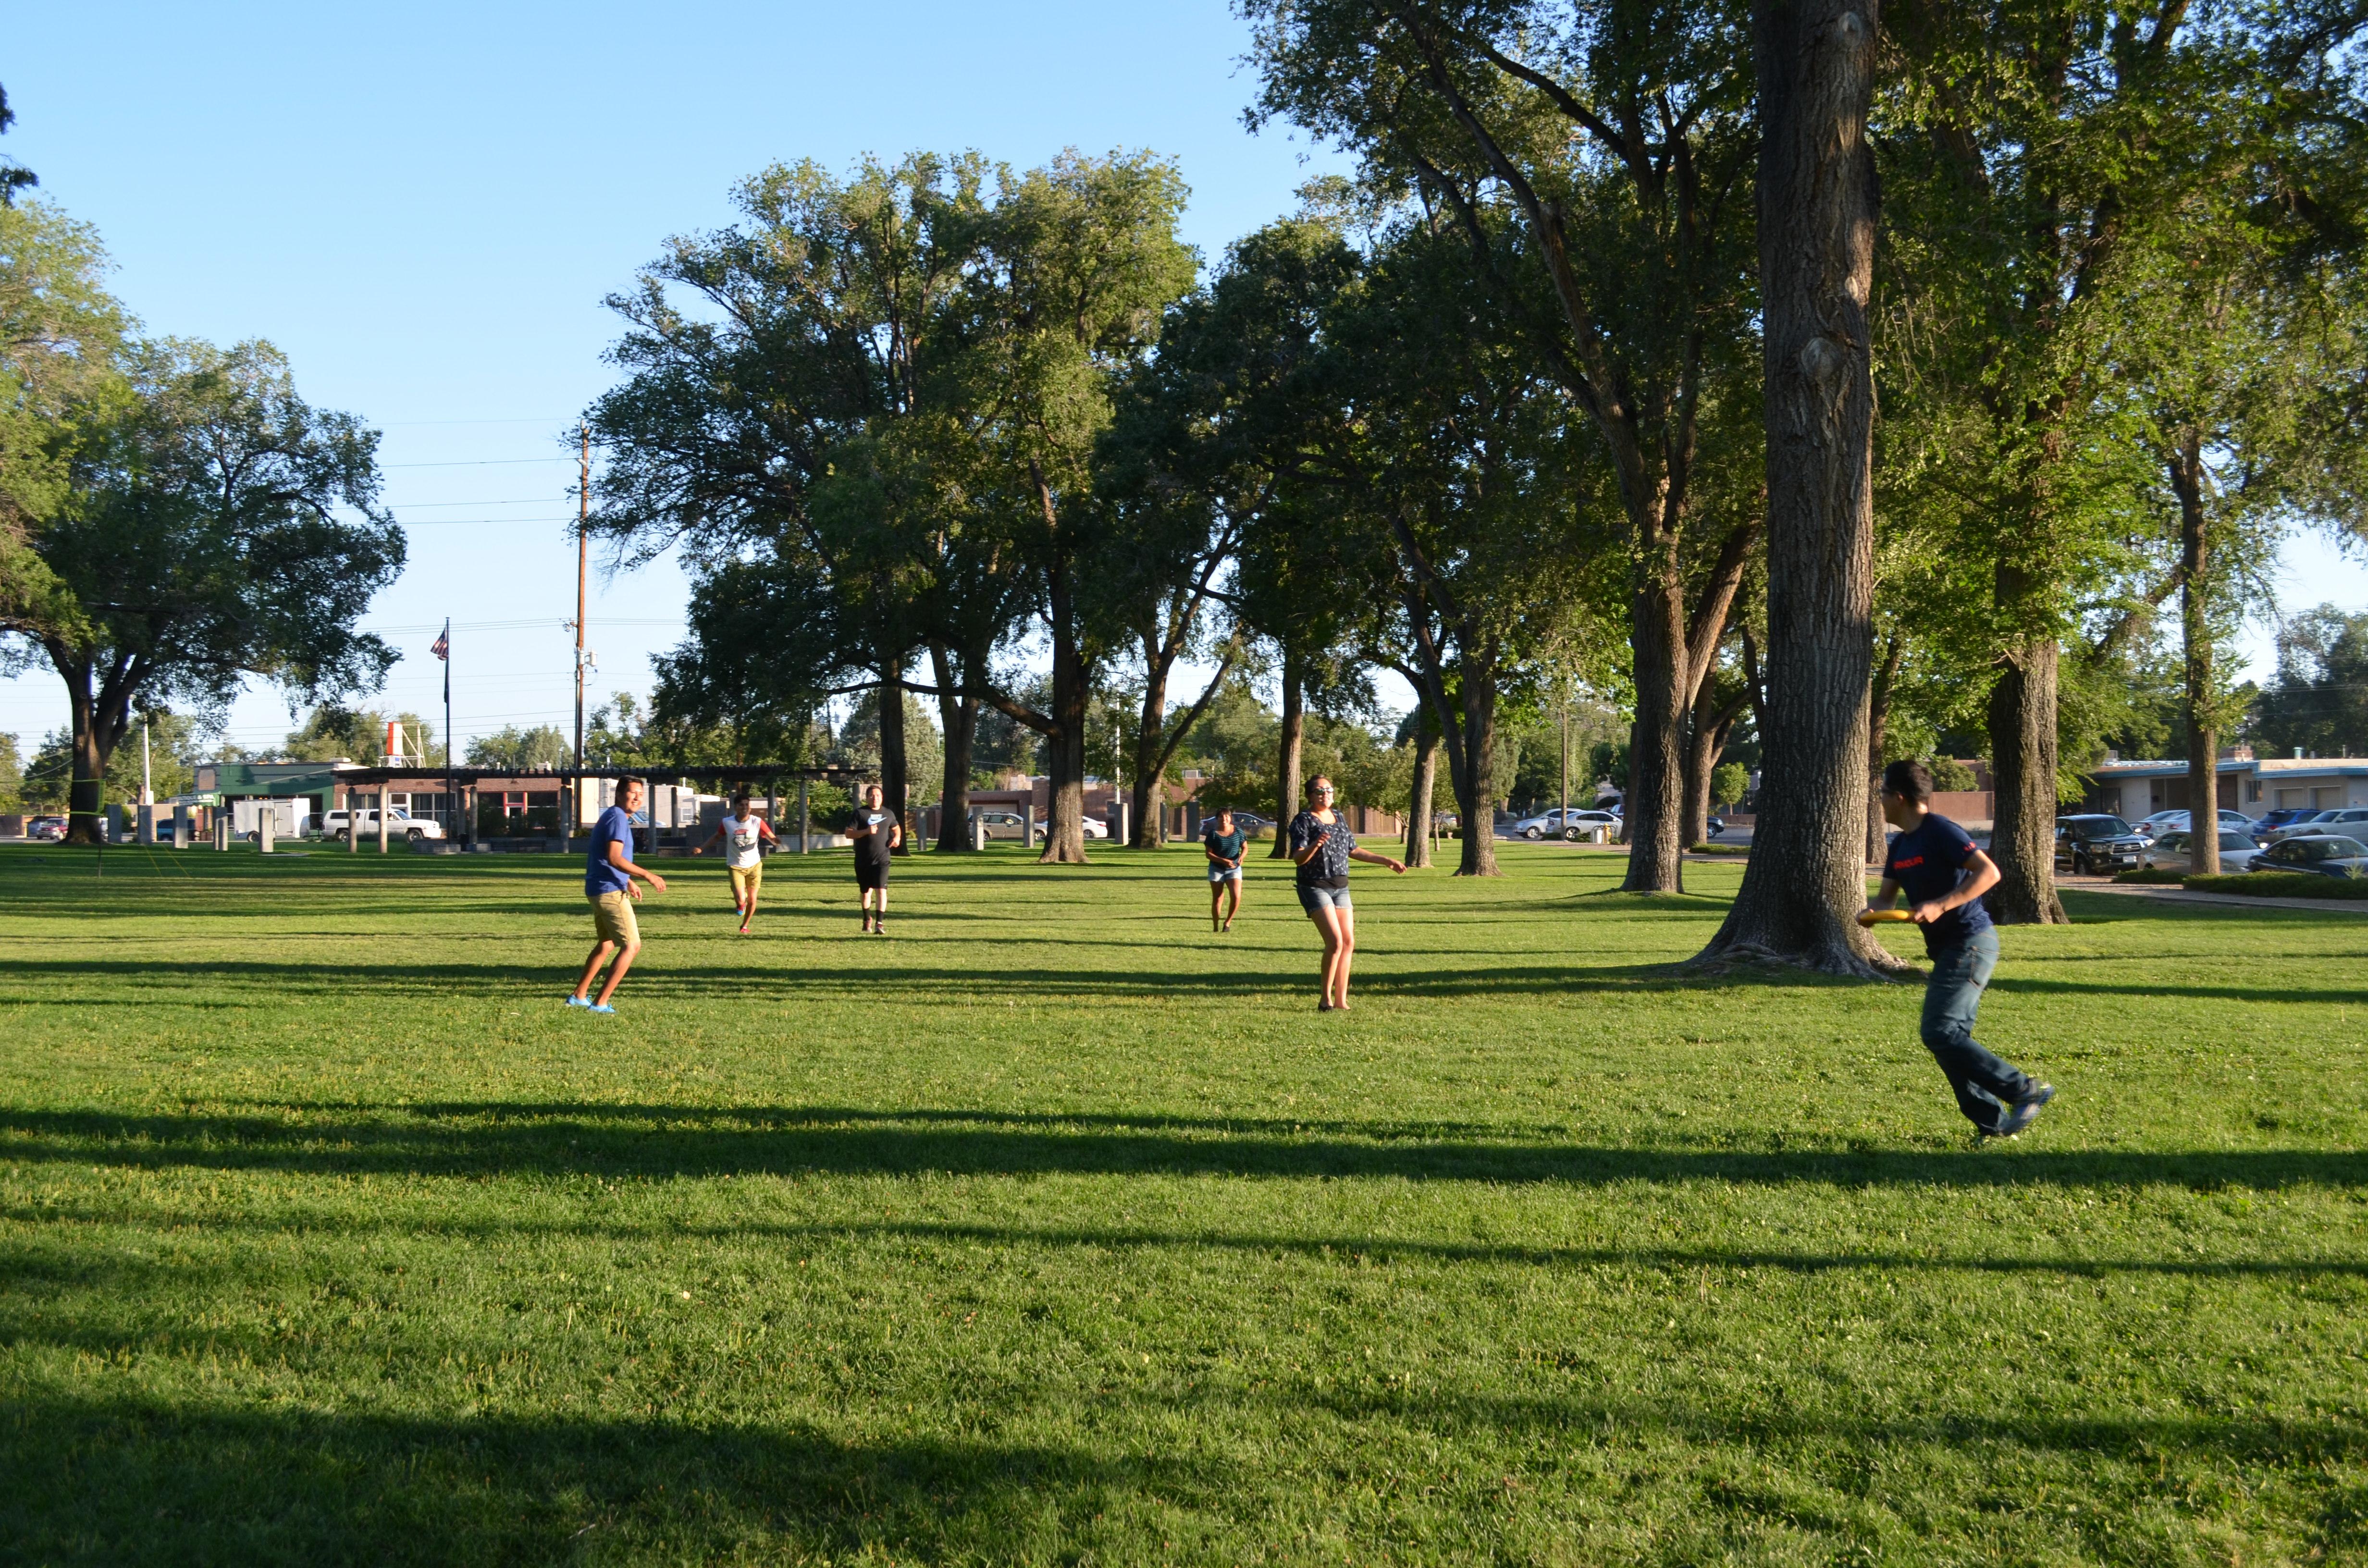 Les gens jouent au frisbee.